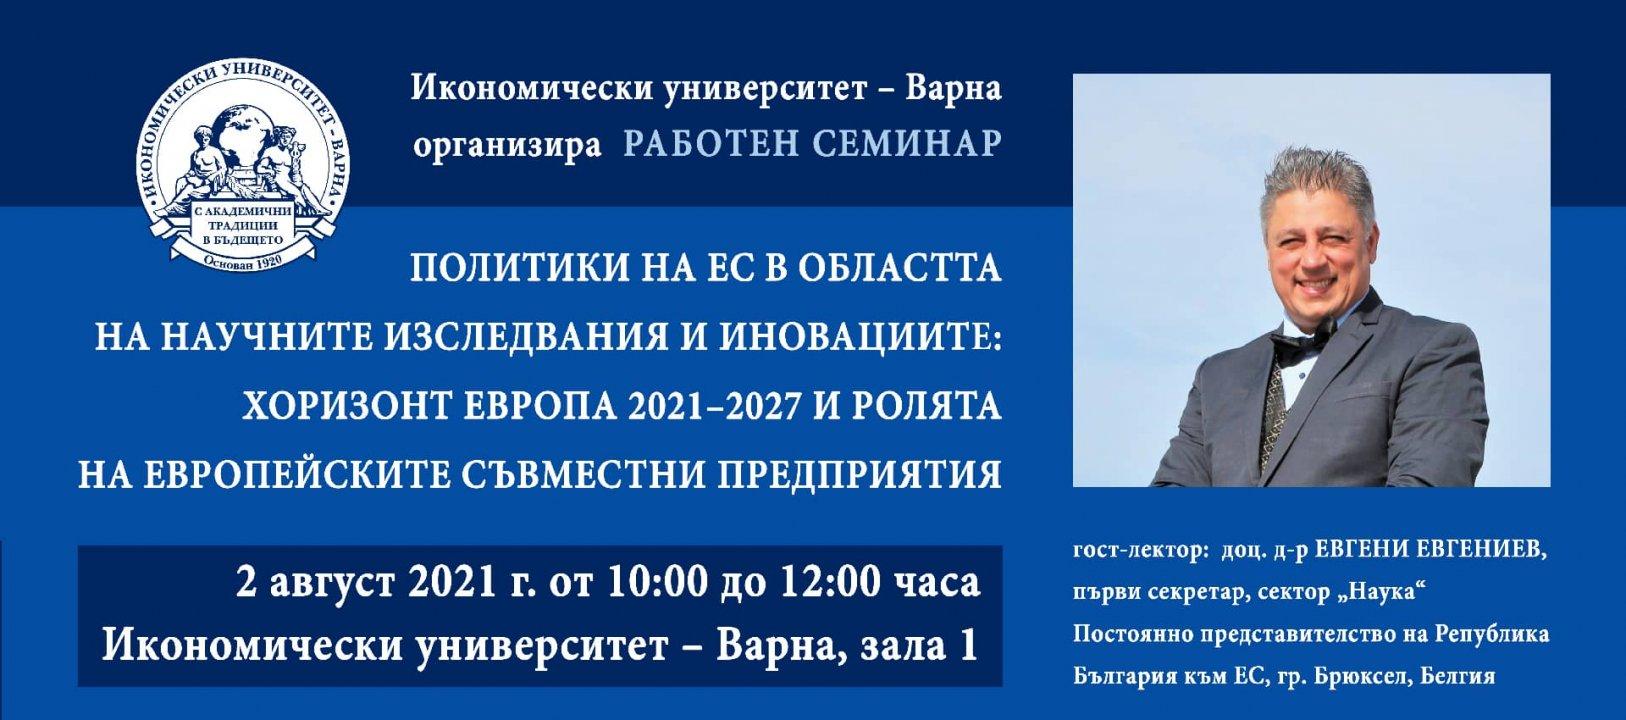 """Работен семинар """"Политики на Европейския съюз в областта на научните изследвания и иновациите: """"Хоризонт Европа"""" и ролята на европейските съвместни предприятия"""""""